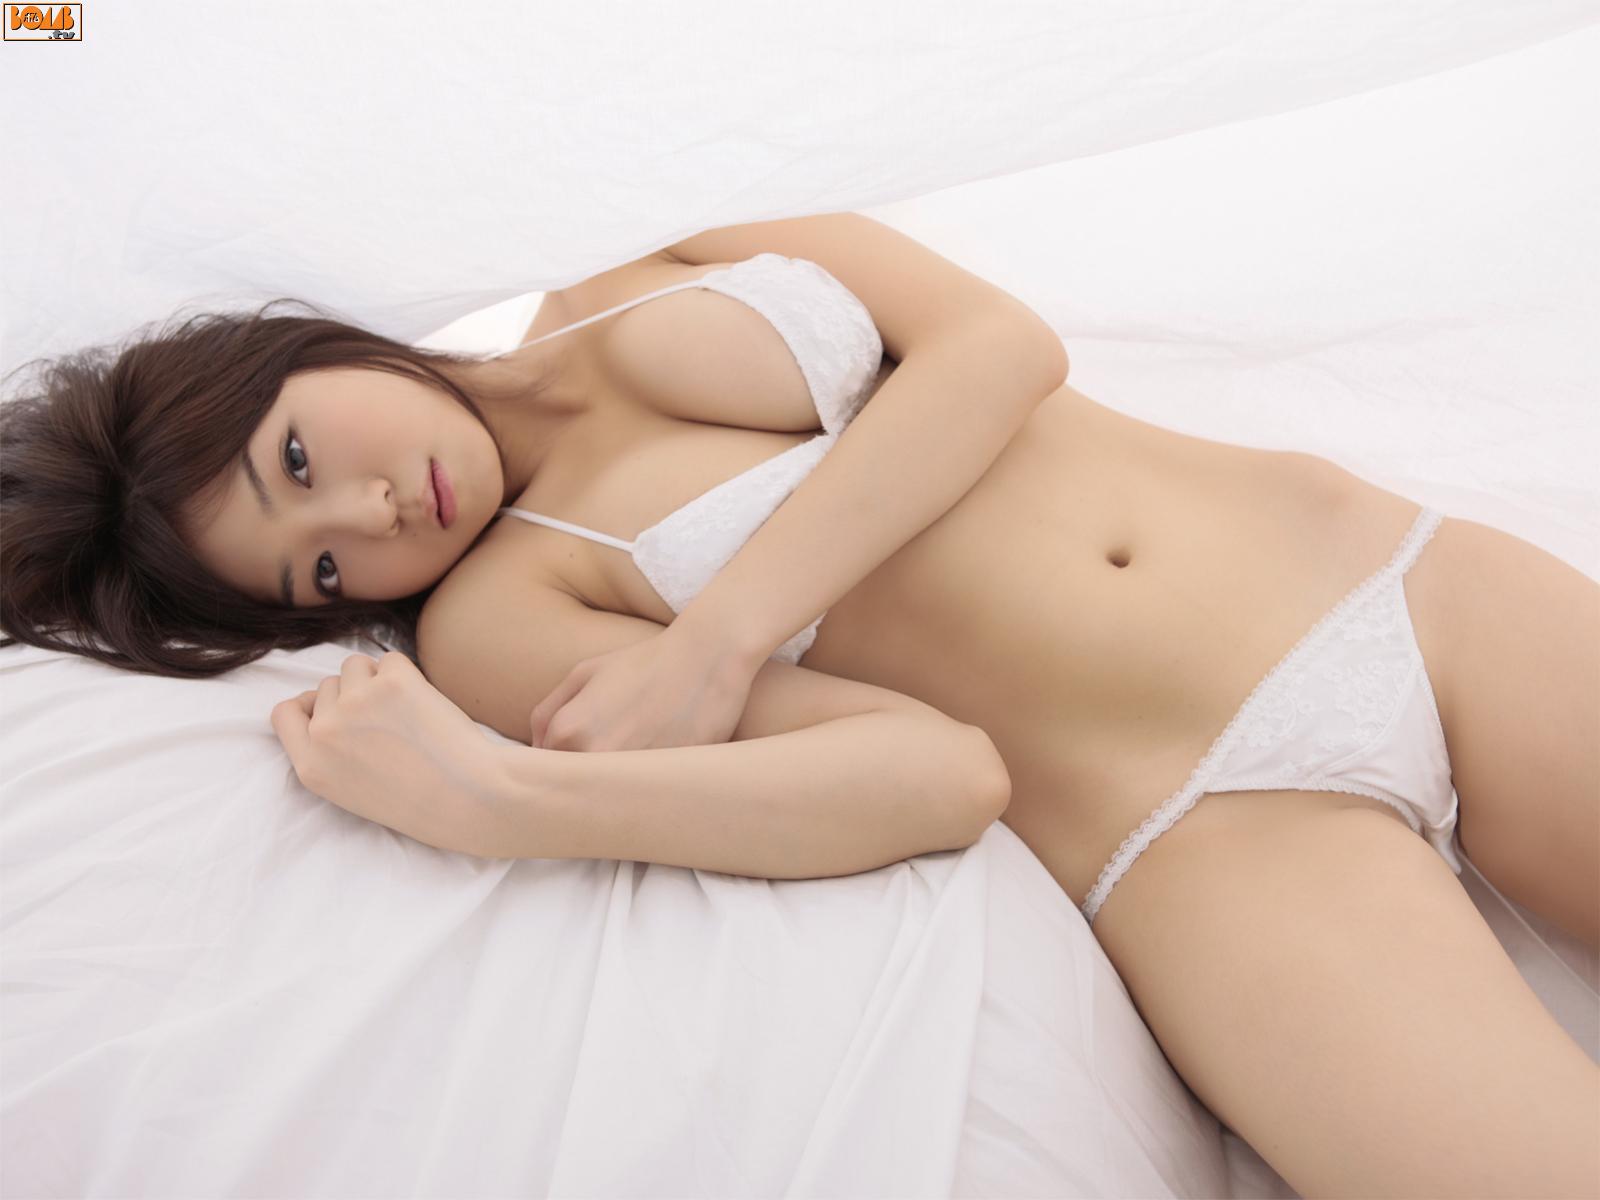 Самые красивые голые японские девушки, Голые японки - сексуальные японочки и грудастые 3 фотография